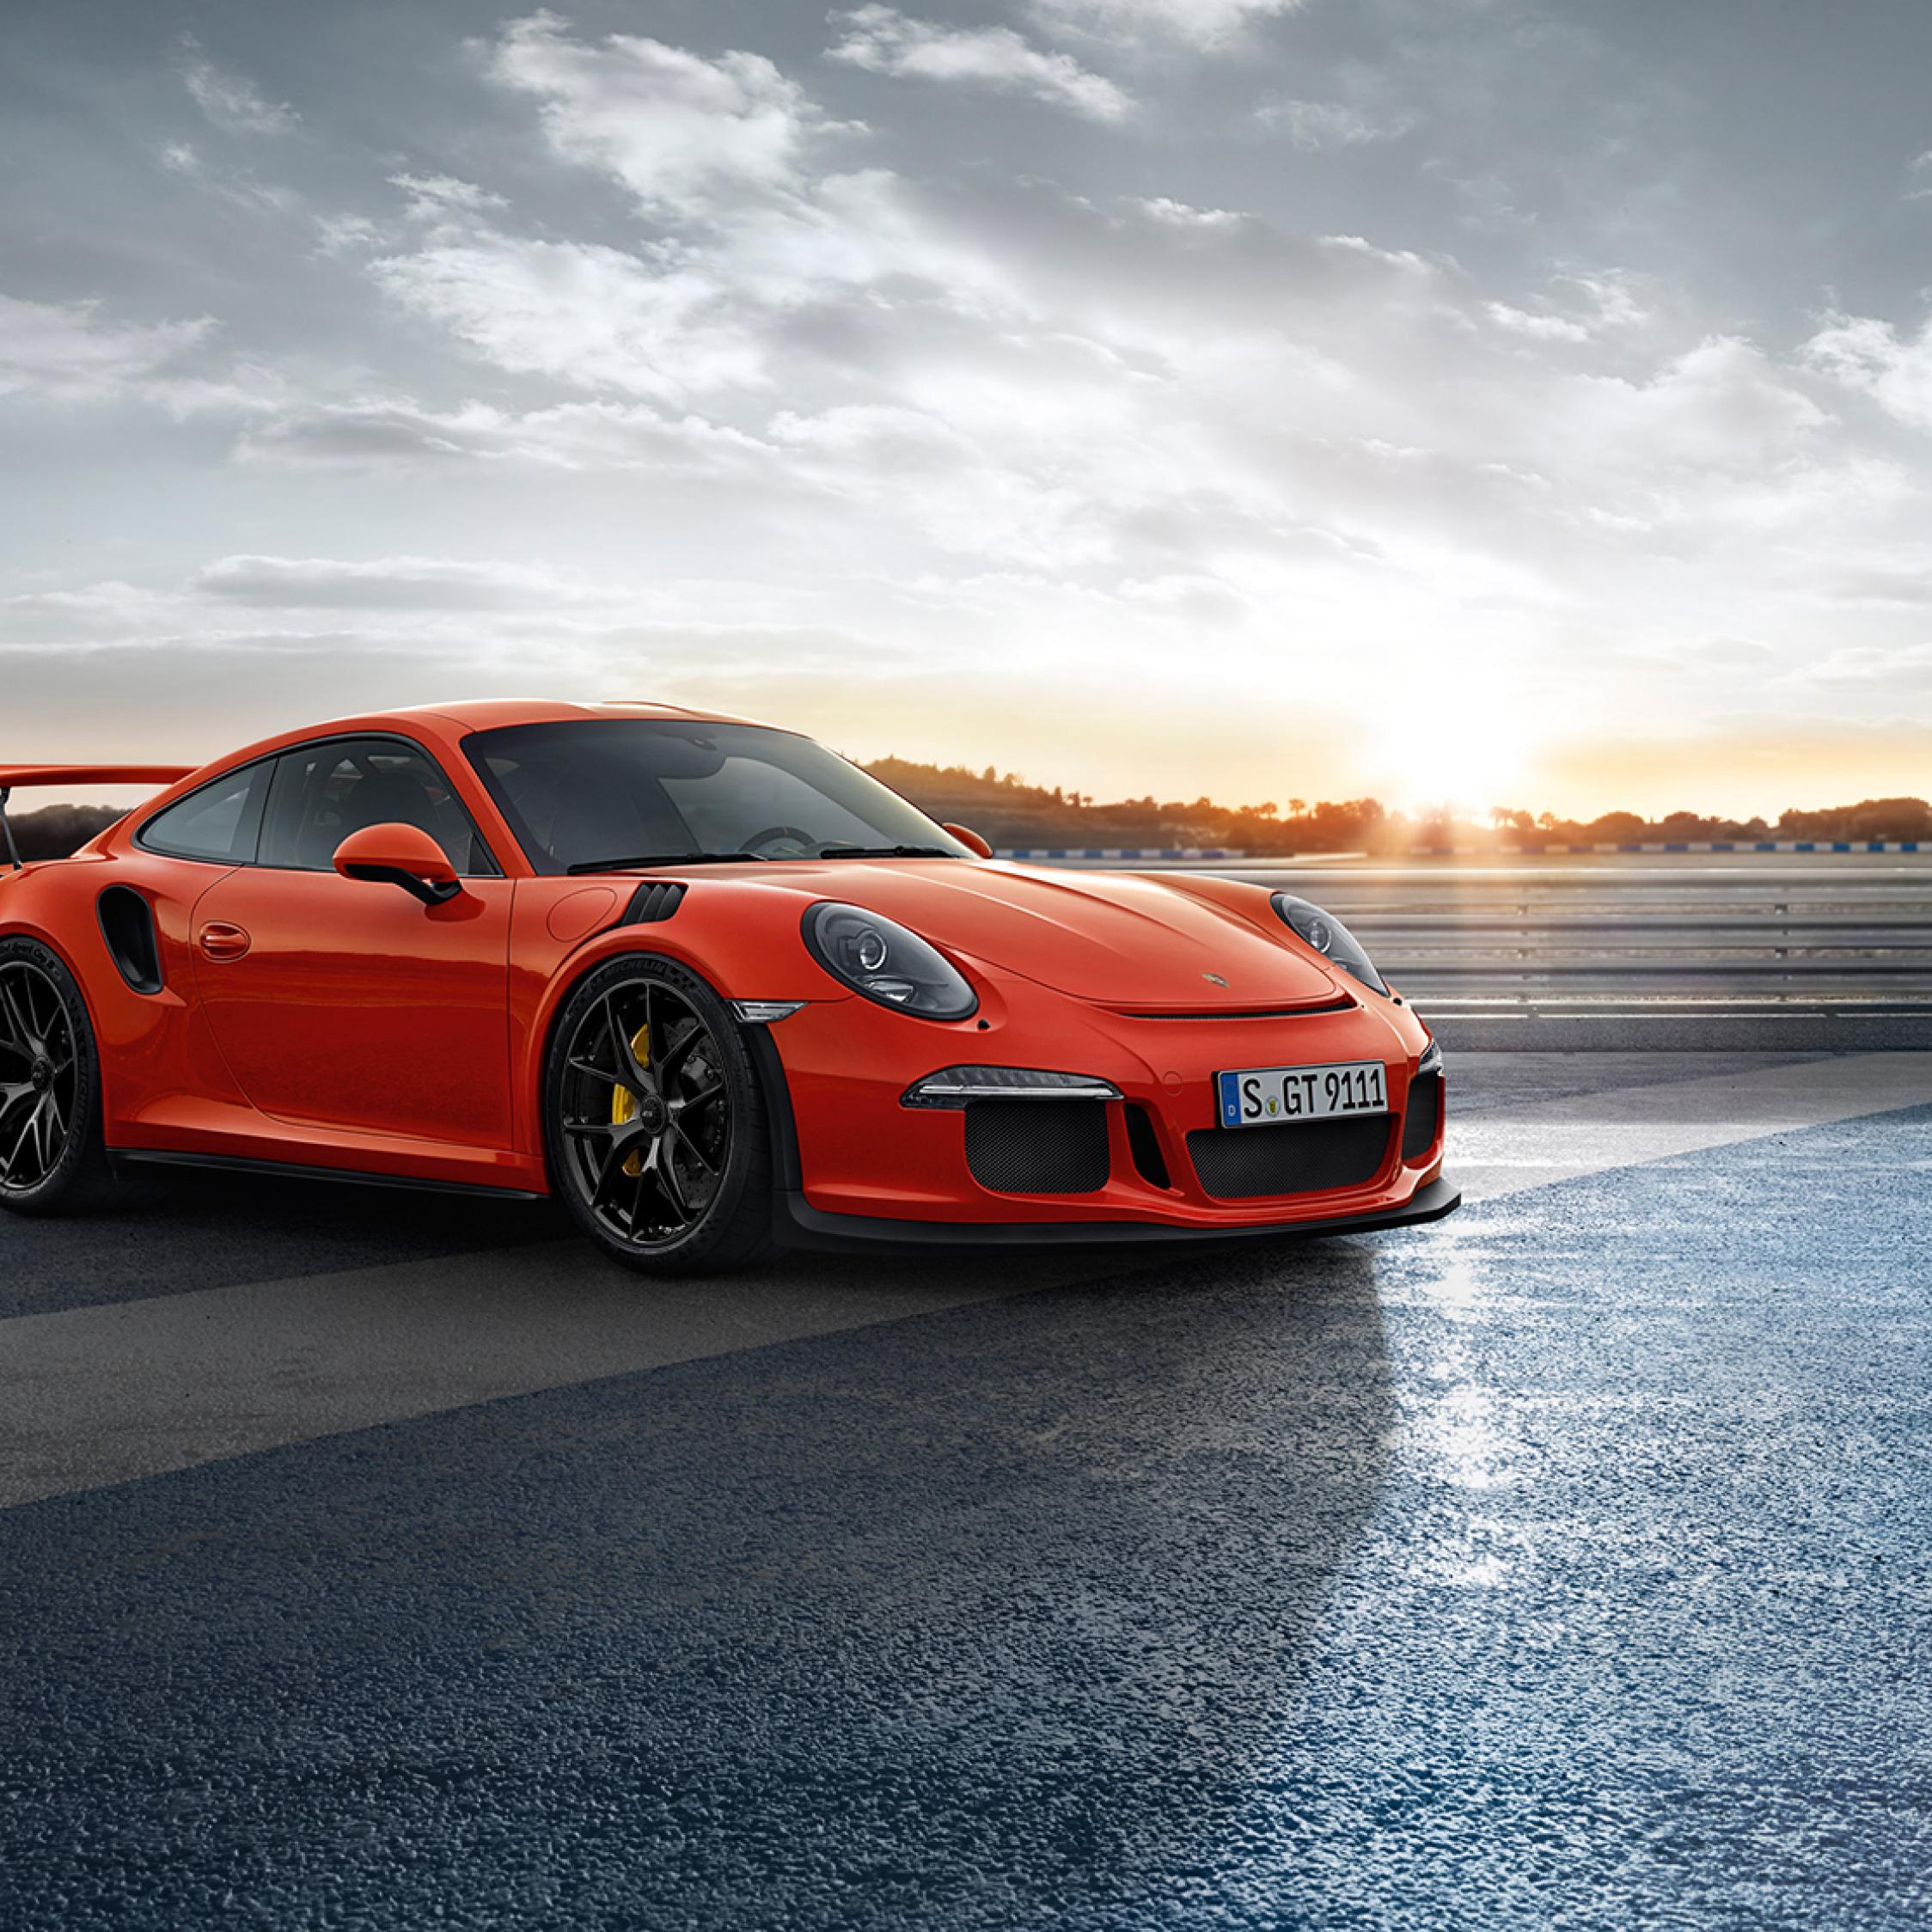 Porsche Car Wallpaper: Porsche, 911, Gt3rs, Full HD 2K Wallpaper